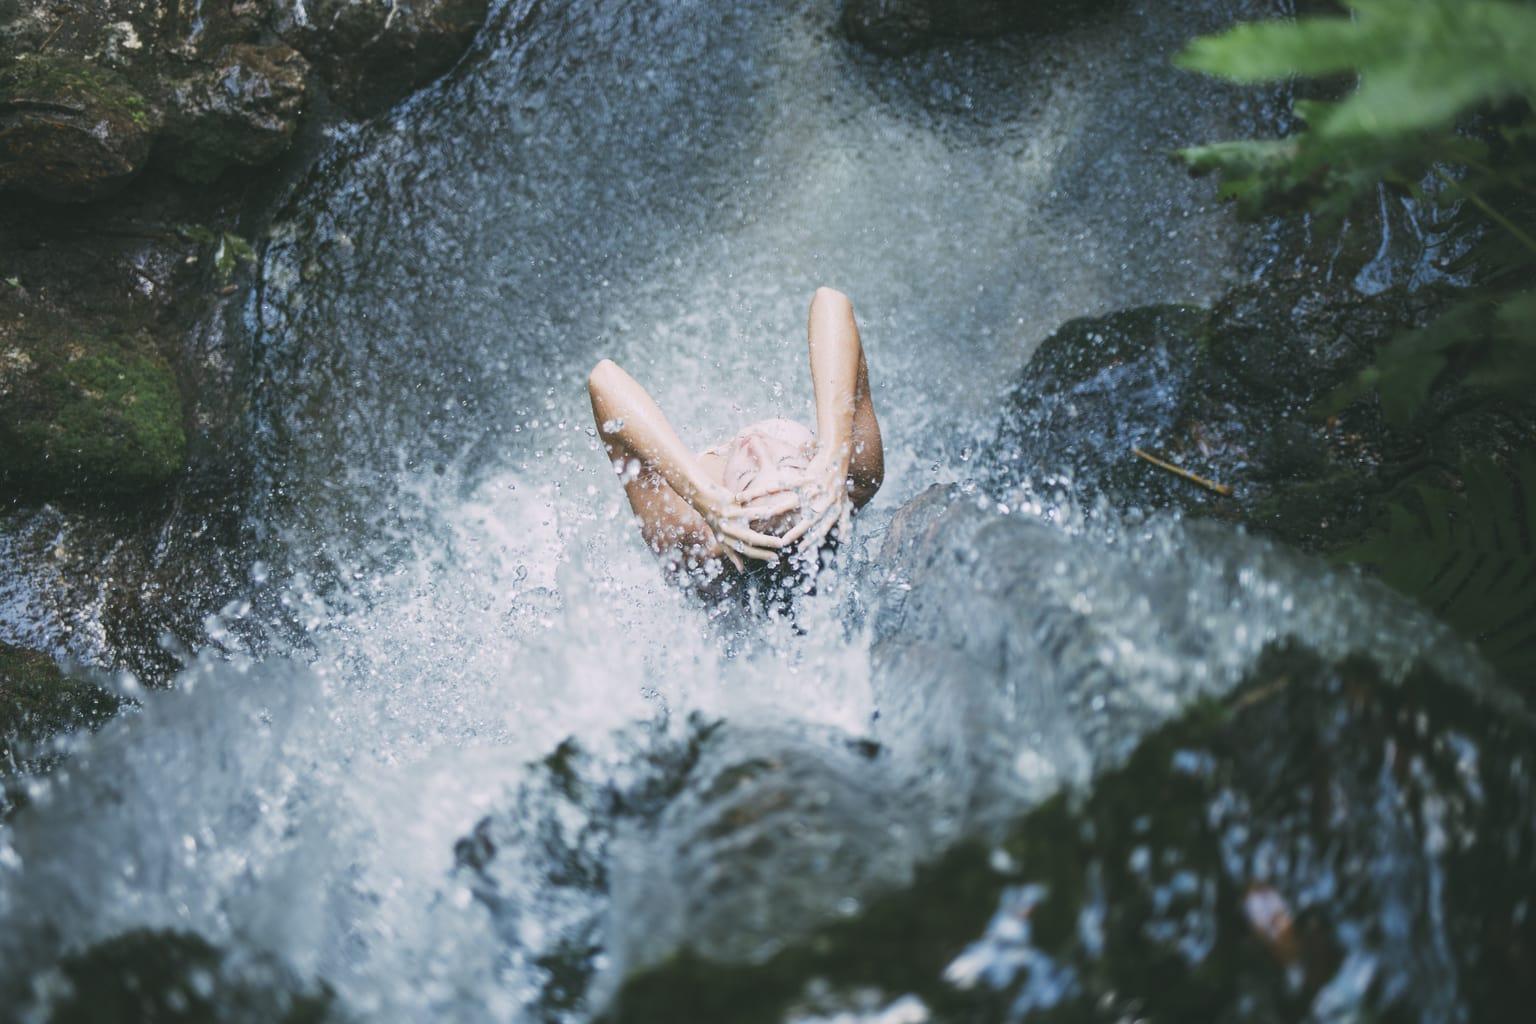 Fotografía veraniega de una chica debajo una catarata